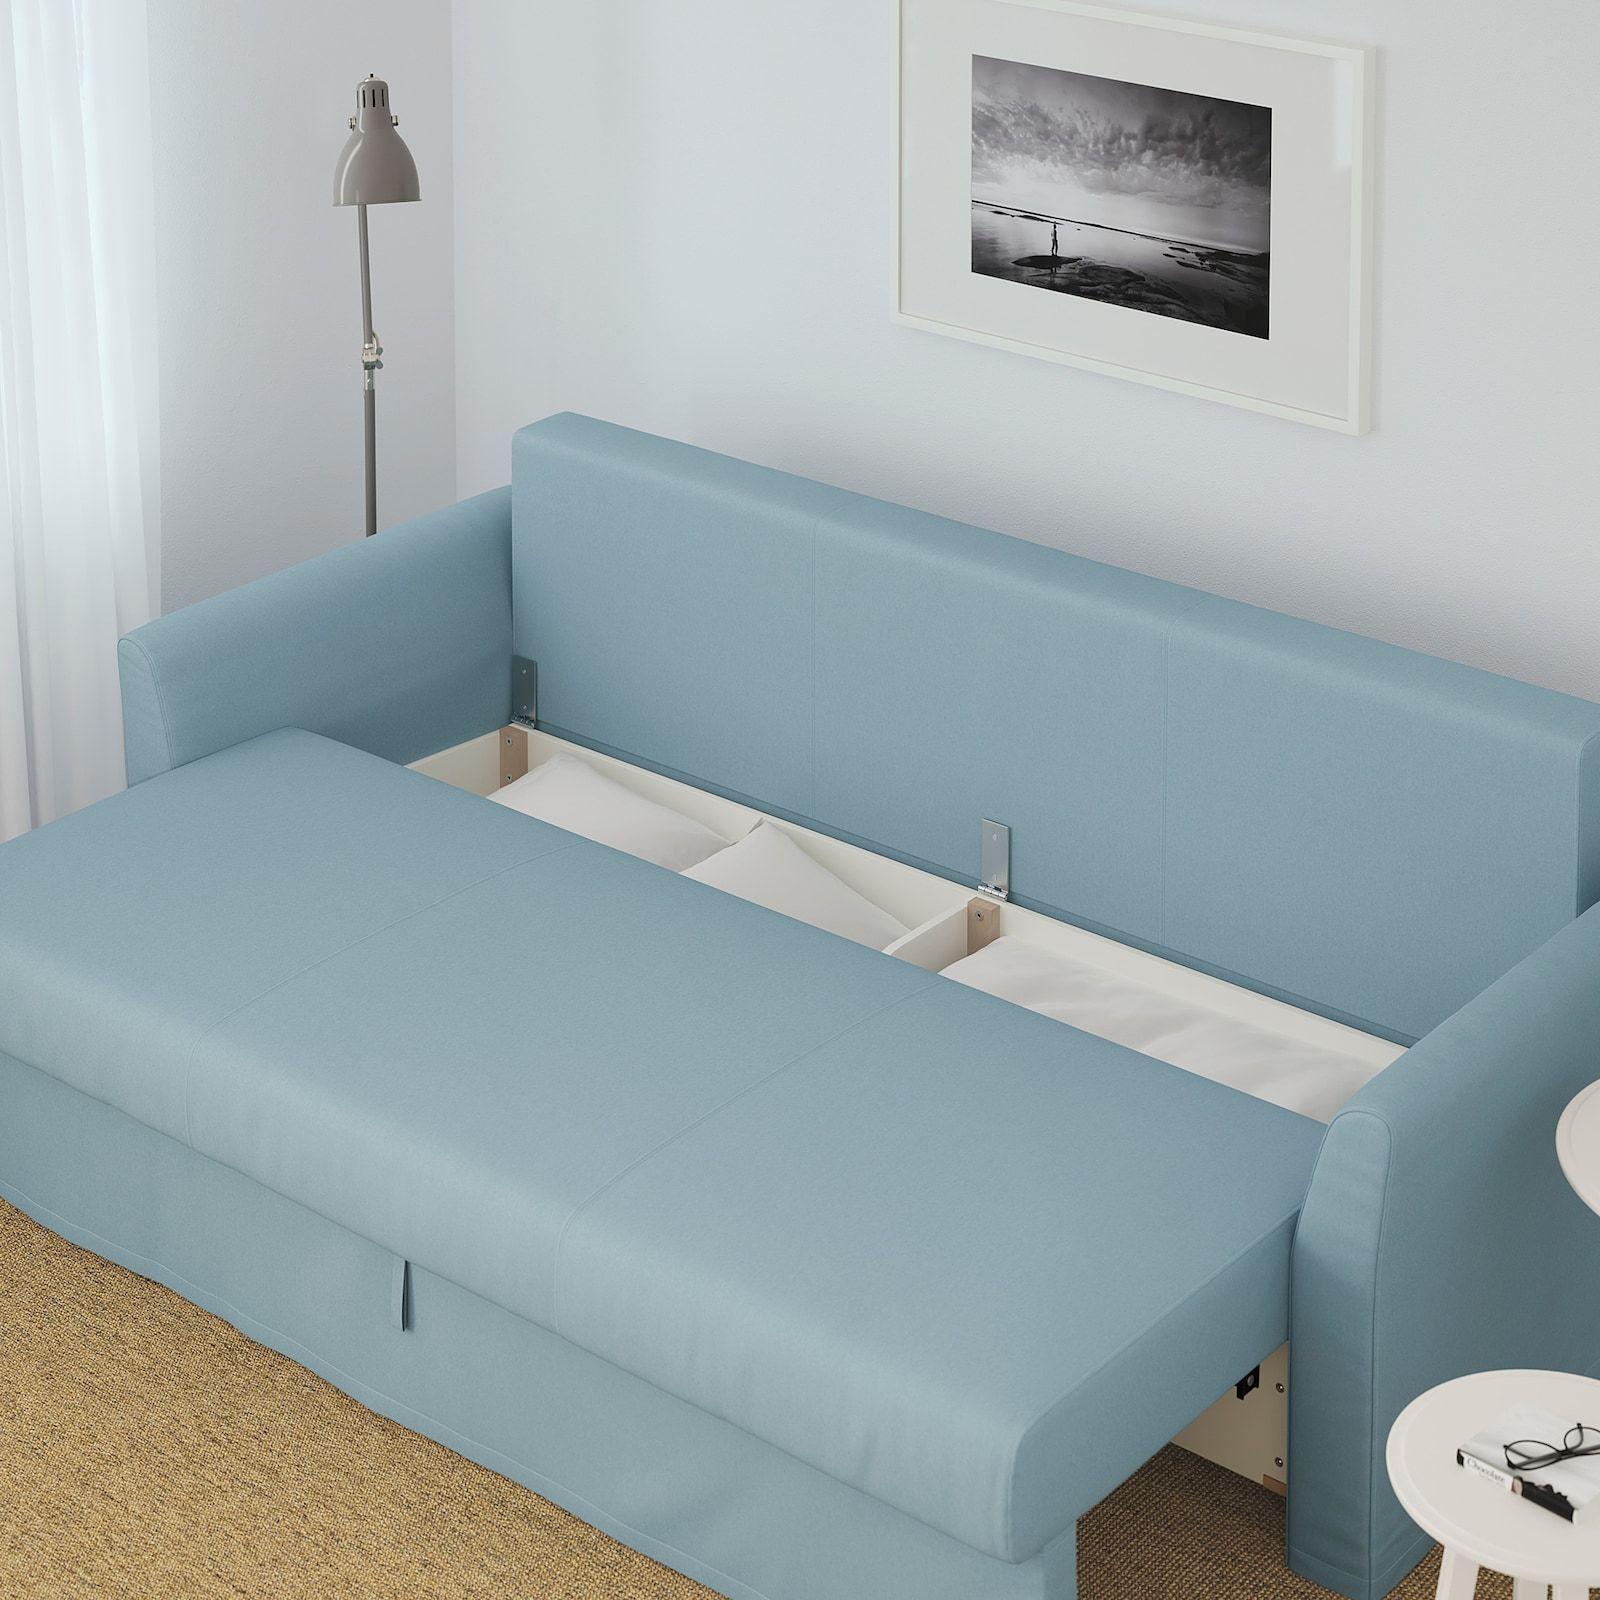 Holmsund Sleeper Sofa Orrsta Light Blue Ikea In 2020 Best Sleeper Sofa Diy Sofa Bed Sleeper Sofa